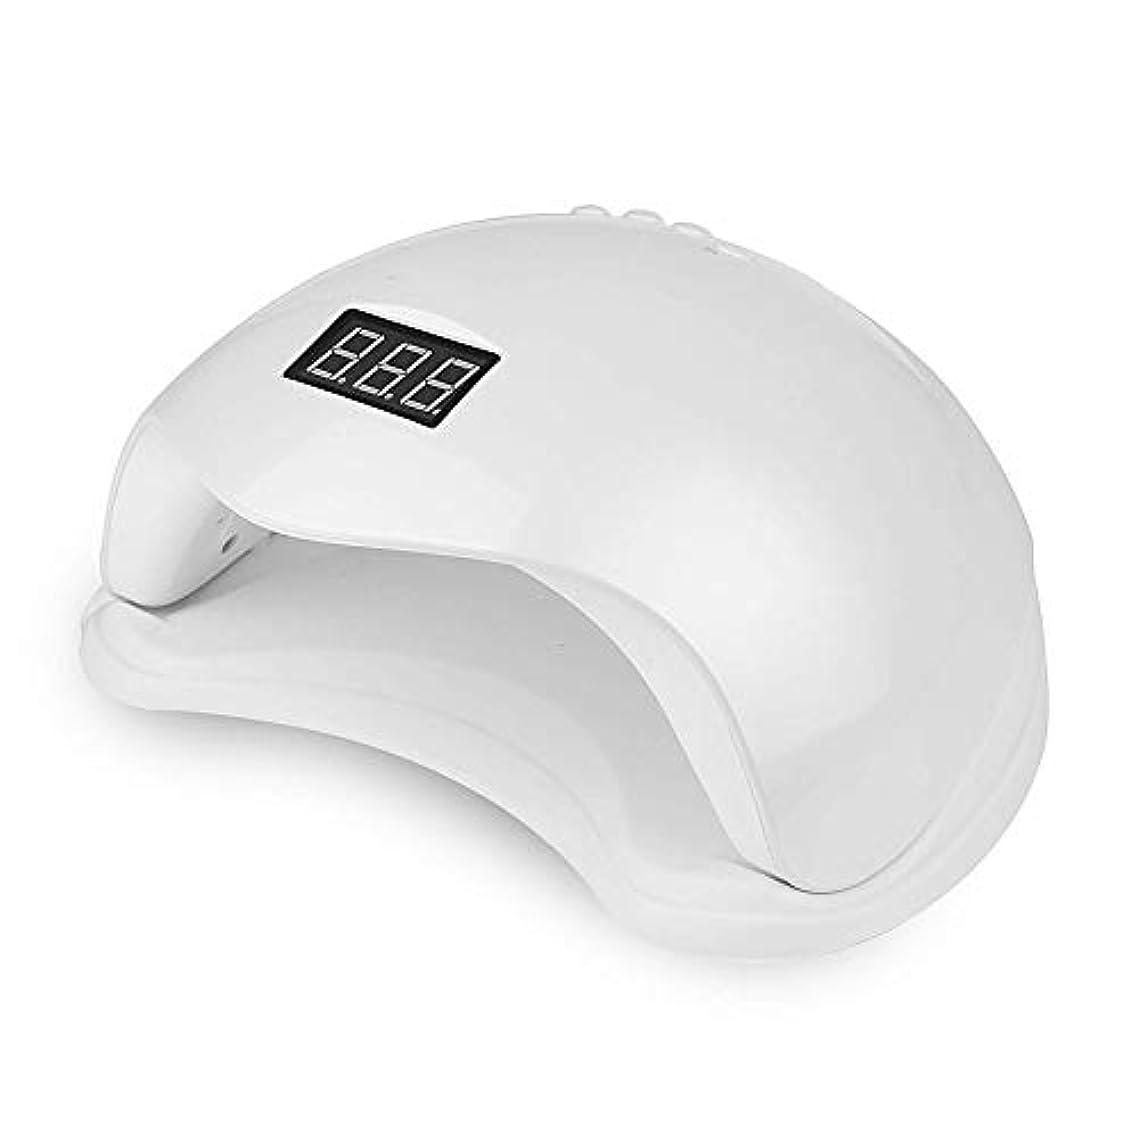 ゆりかごタービン評判自動センサー付きプリセット48W LEDネイルライト4プリセットタイマー10秒、30秒、60秒、99秒